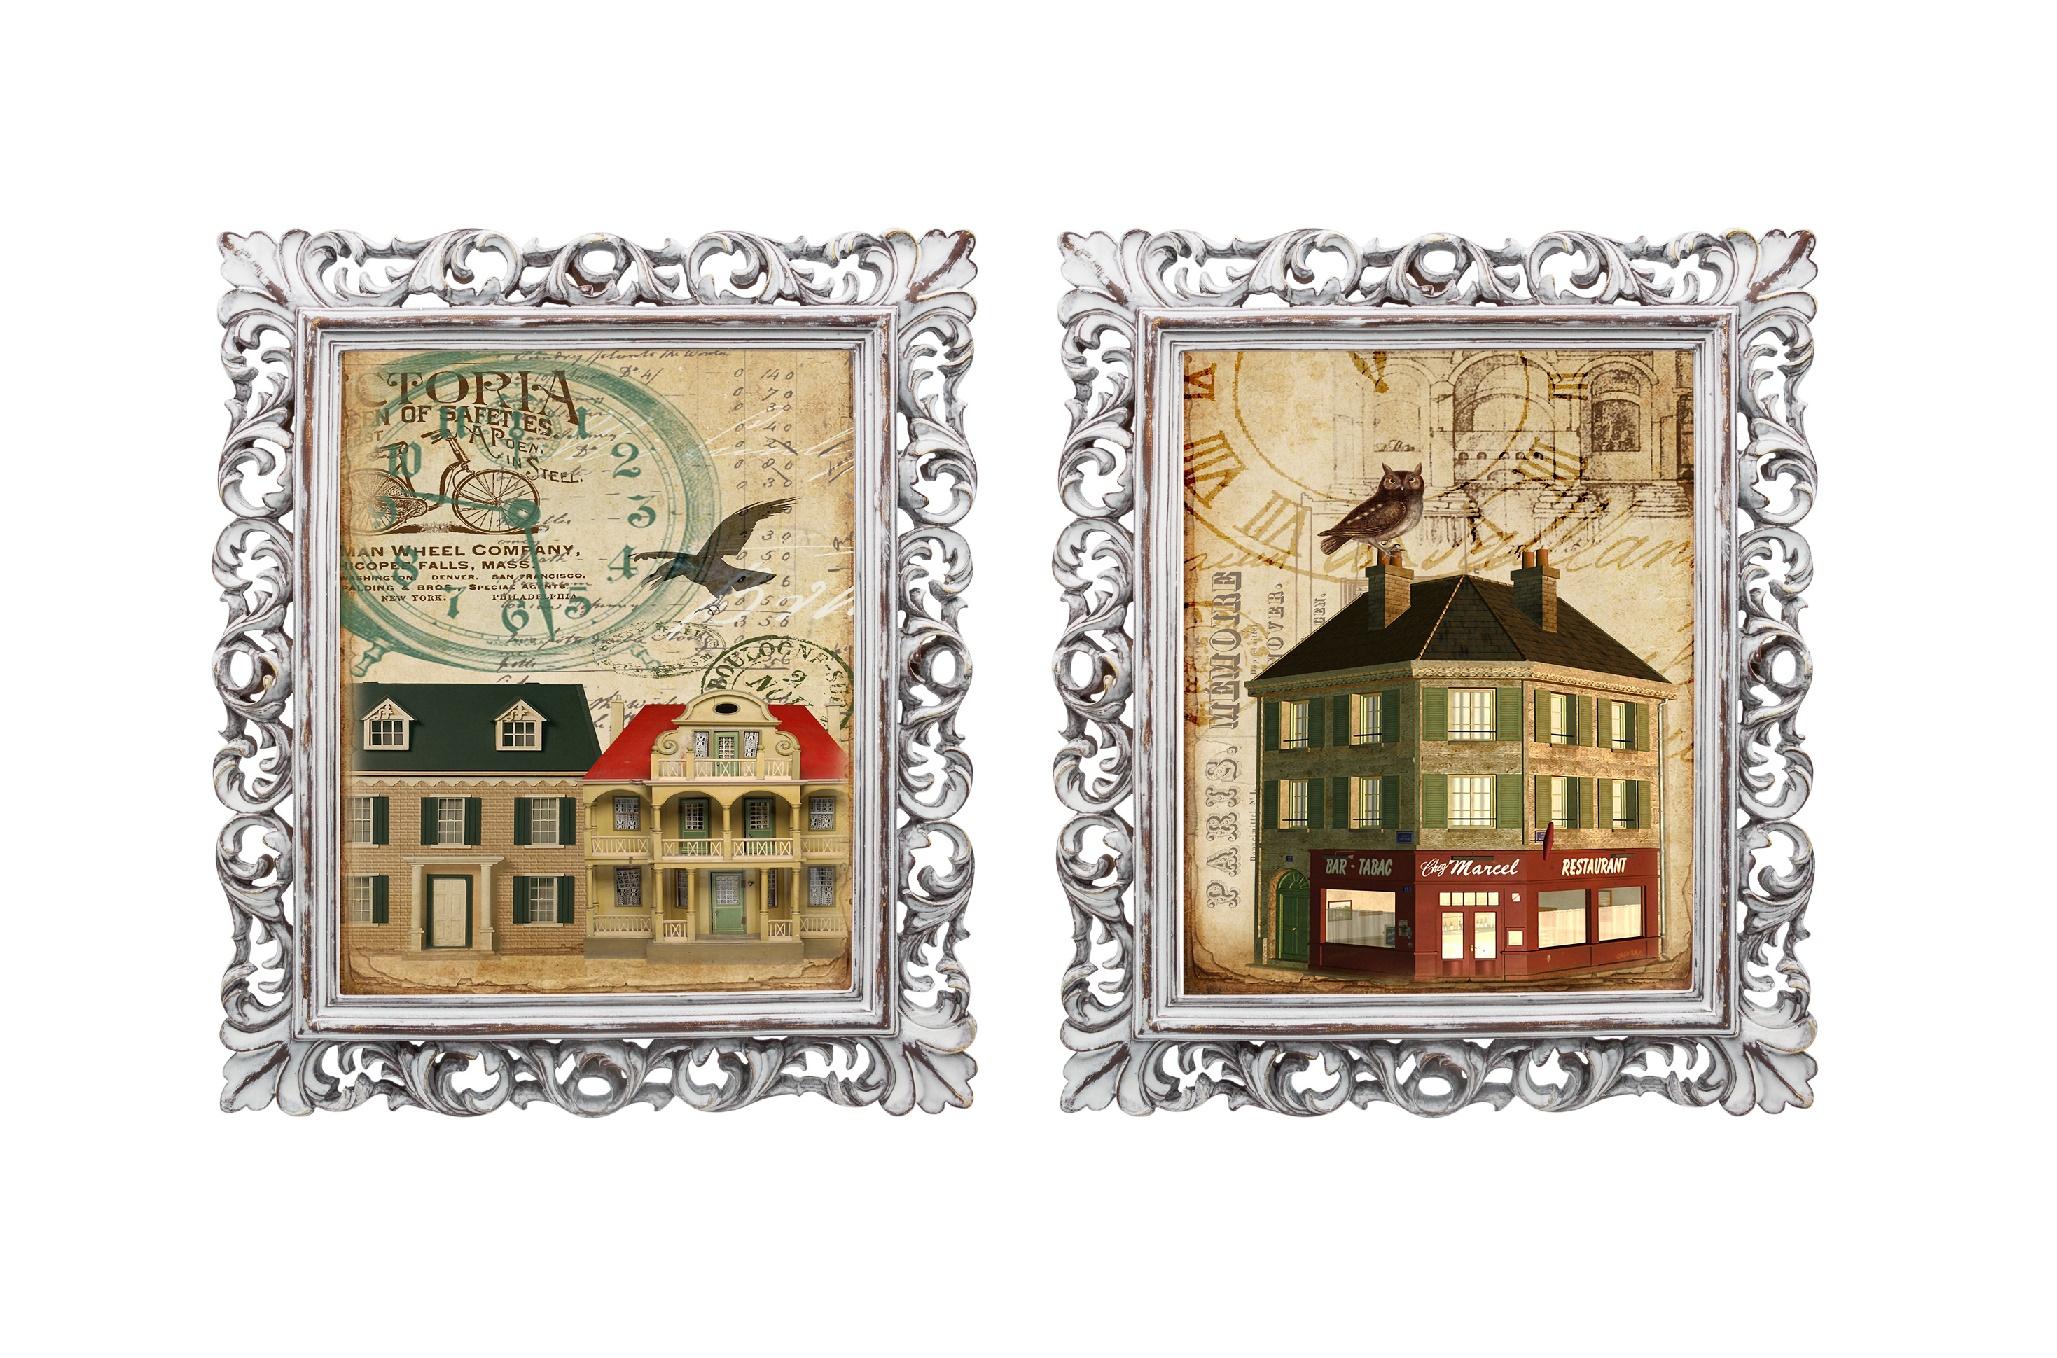 Набор из двух репродукций МадленКартины<br>Репродукции картин &amp;quot;Старинная открытка&amp;quot; - словно дверца в невероятный сказочный мир, они позволят Вам отправиться в увлекательное путешествие или окунуться в романтичную атмосферу. Эти старинные картины вызывают исключительно позитивные эмоции. Изображения обрамлены винтажными рамами, искусная техника состаривания придает изделию особую теплоту и загадочность. Благородная патина на поверхности рамы — интригующее приглашение к прогулке в мир старинных реликвий! Изображение картины наполнено уникальными эмоциями и тайной, скрытой под кристально прозрачным стеклом. Картину можно повесить на стену, а можно поставить, например, на стол или камин. Защитный стеклянный слой гарантирует долгую жизнь прекрасному изображению. А если Вам захочется обновить интерьер, Вы можете с легкостью заменить изображение картины!&amp;lt;div&amp;gt;&amp;lt;br&amp;gt;&amp;lt;/div&amp;gt;<br><br>Material: Бумага<br>Ширина см: 28<br>Высота см: 33<br>Глубина см: 2